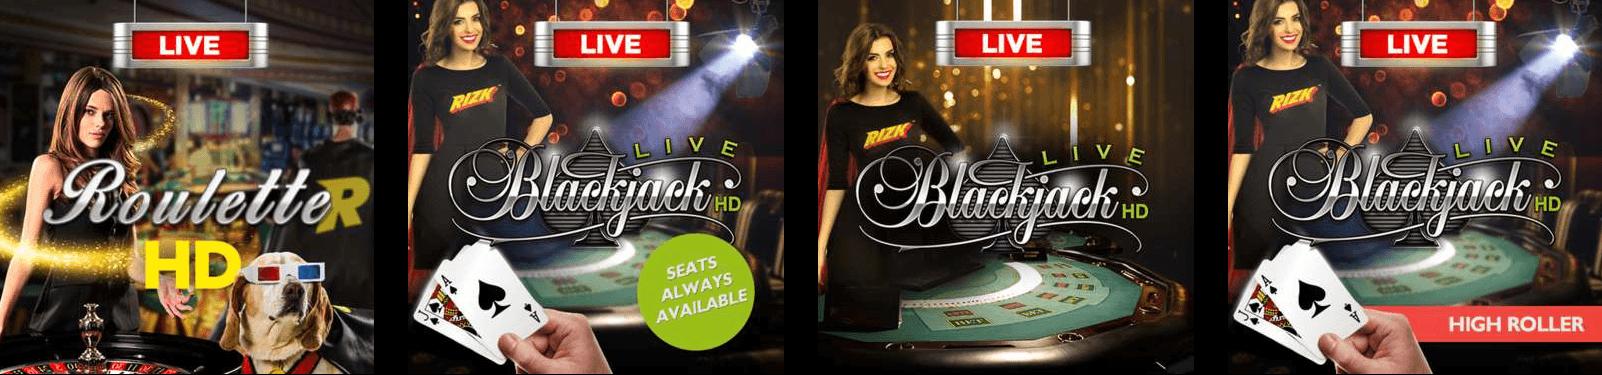 LiveCasino Auto Roulette - Rizk Casino